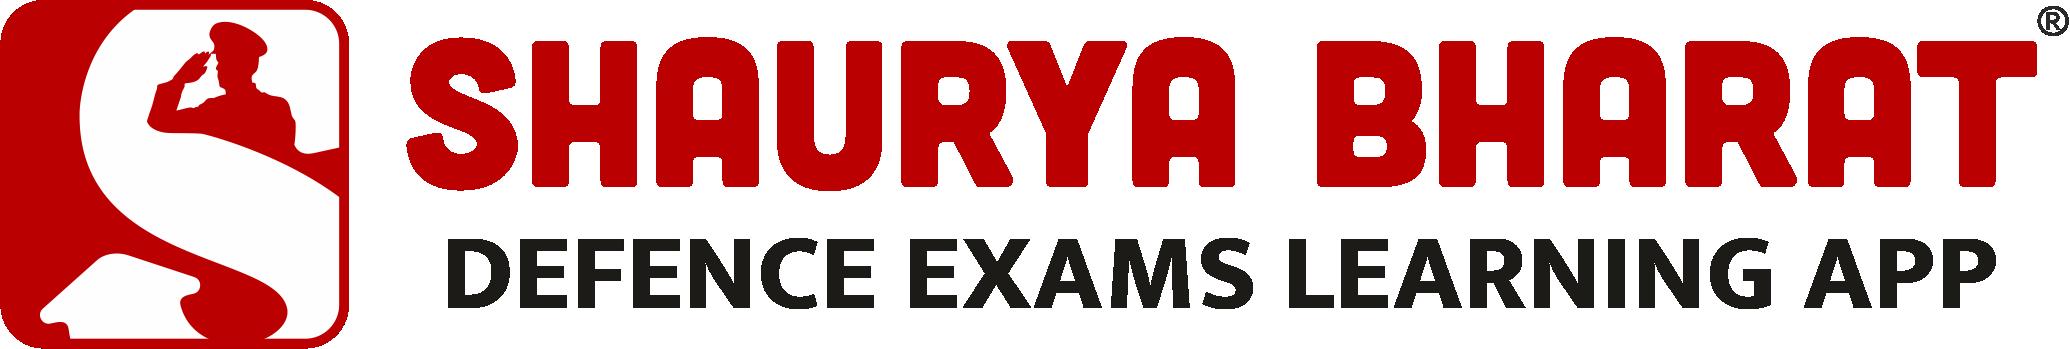 Shaurya Bharat Defence Exams Learning